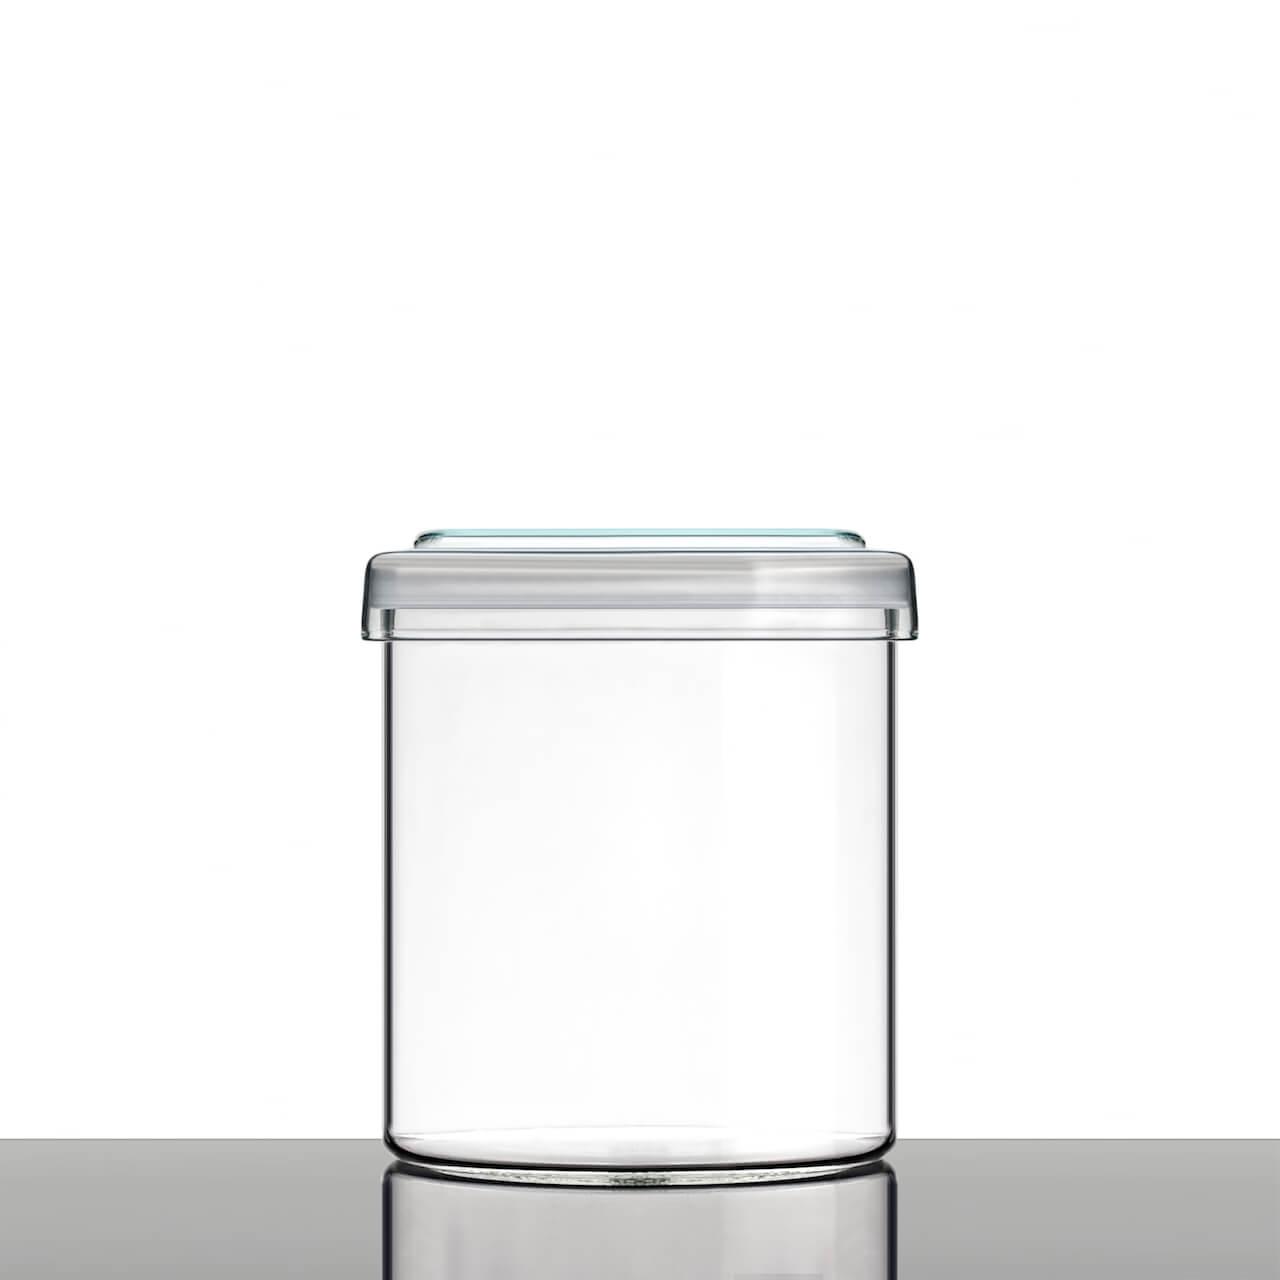 aufbewahrungsglas mit glasdeckel glasklar berlin. Black Bedroom Furniture Sets. Home Design Ideas